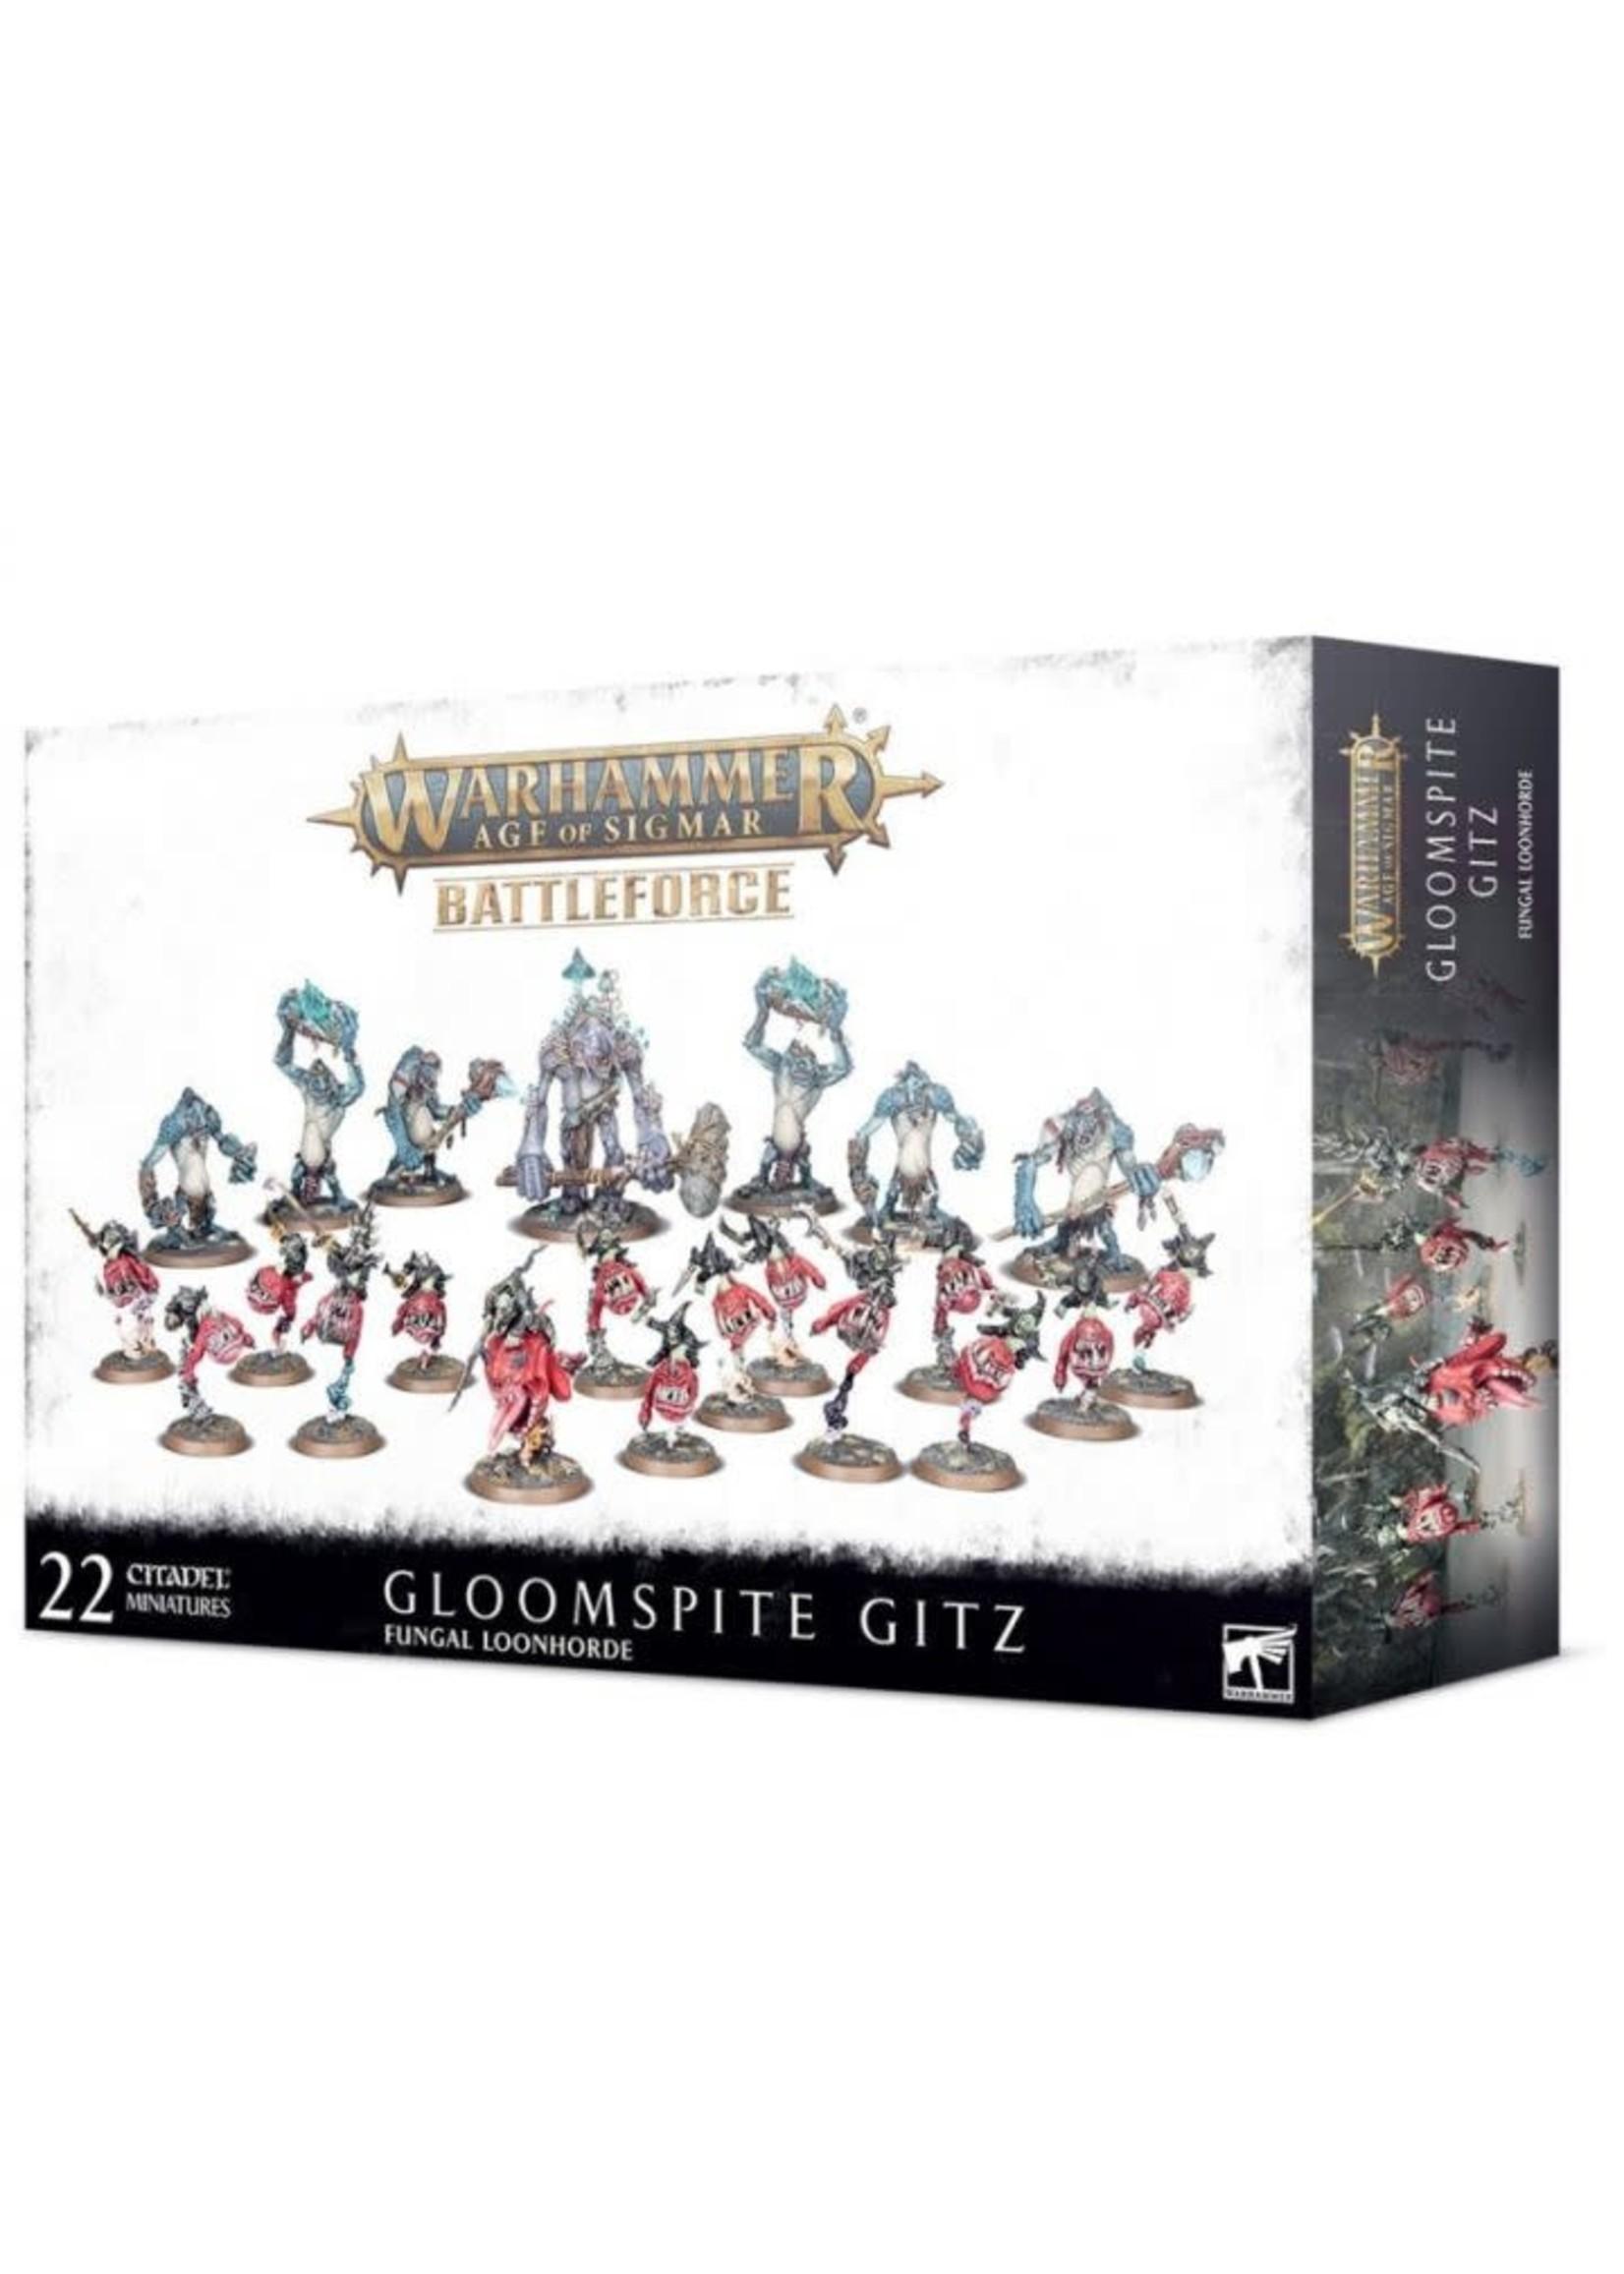 Gloomspite Gitz: Fungal Loonhorde